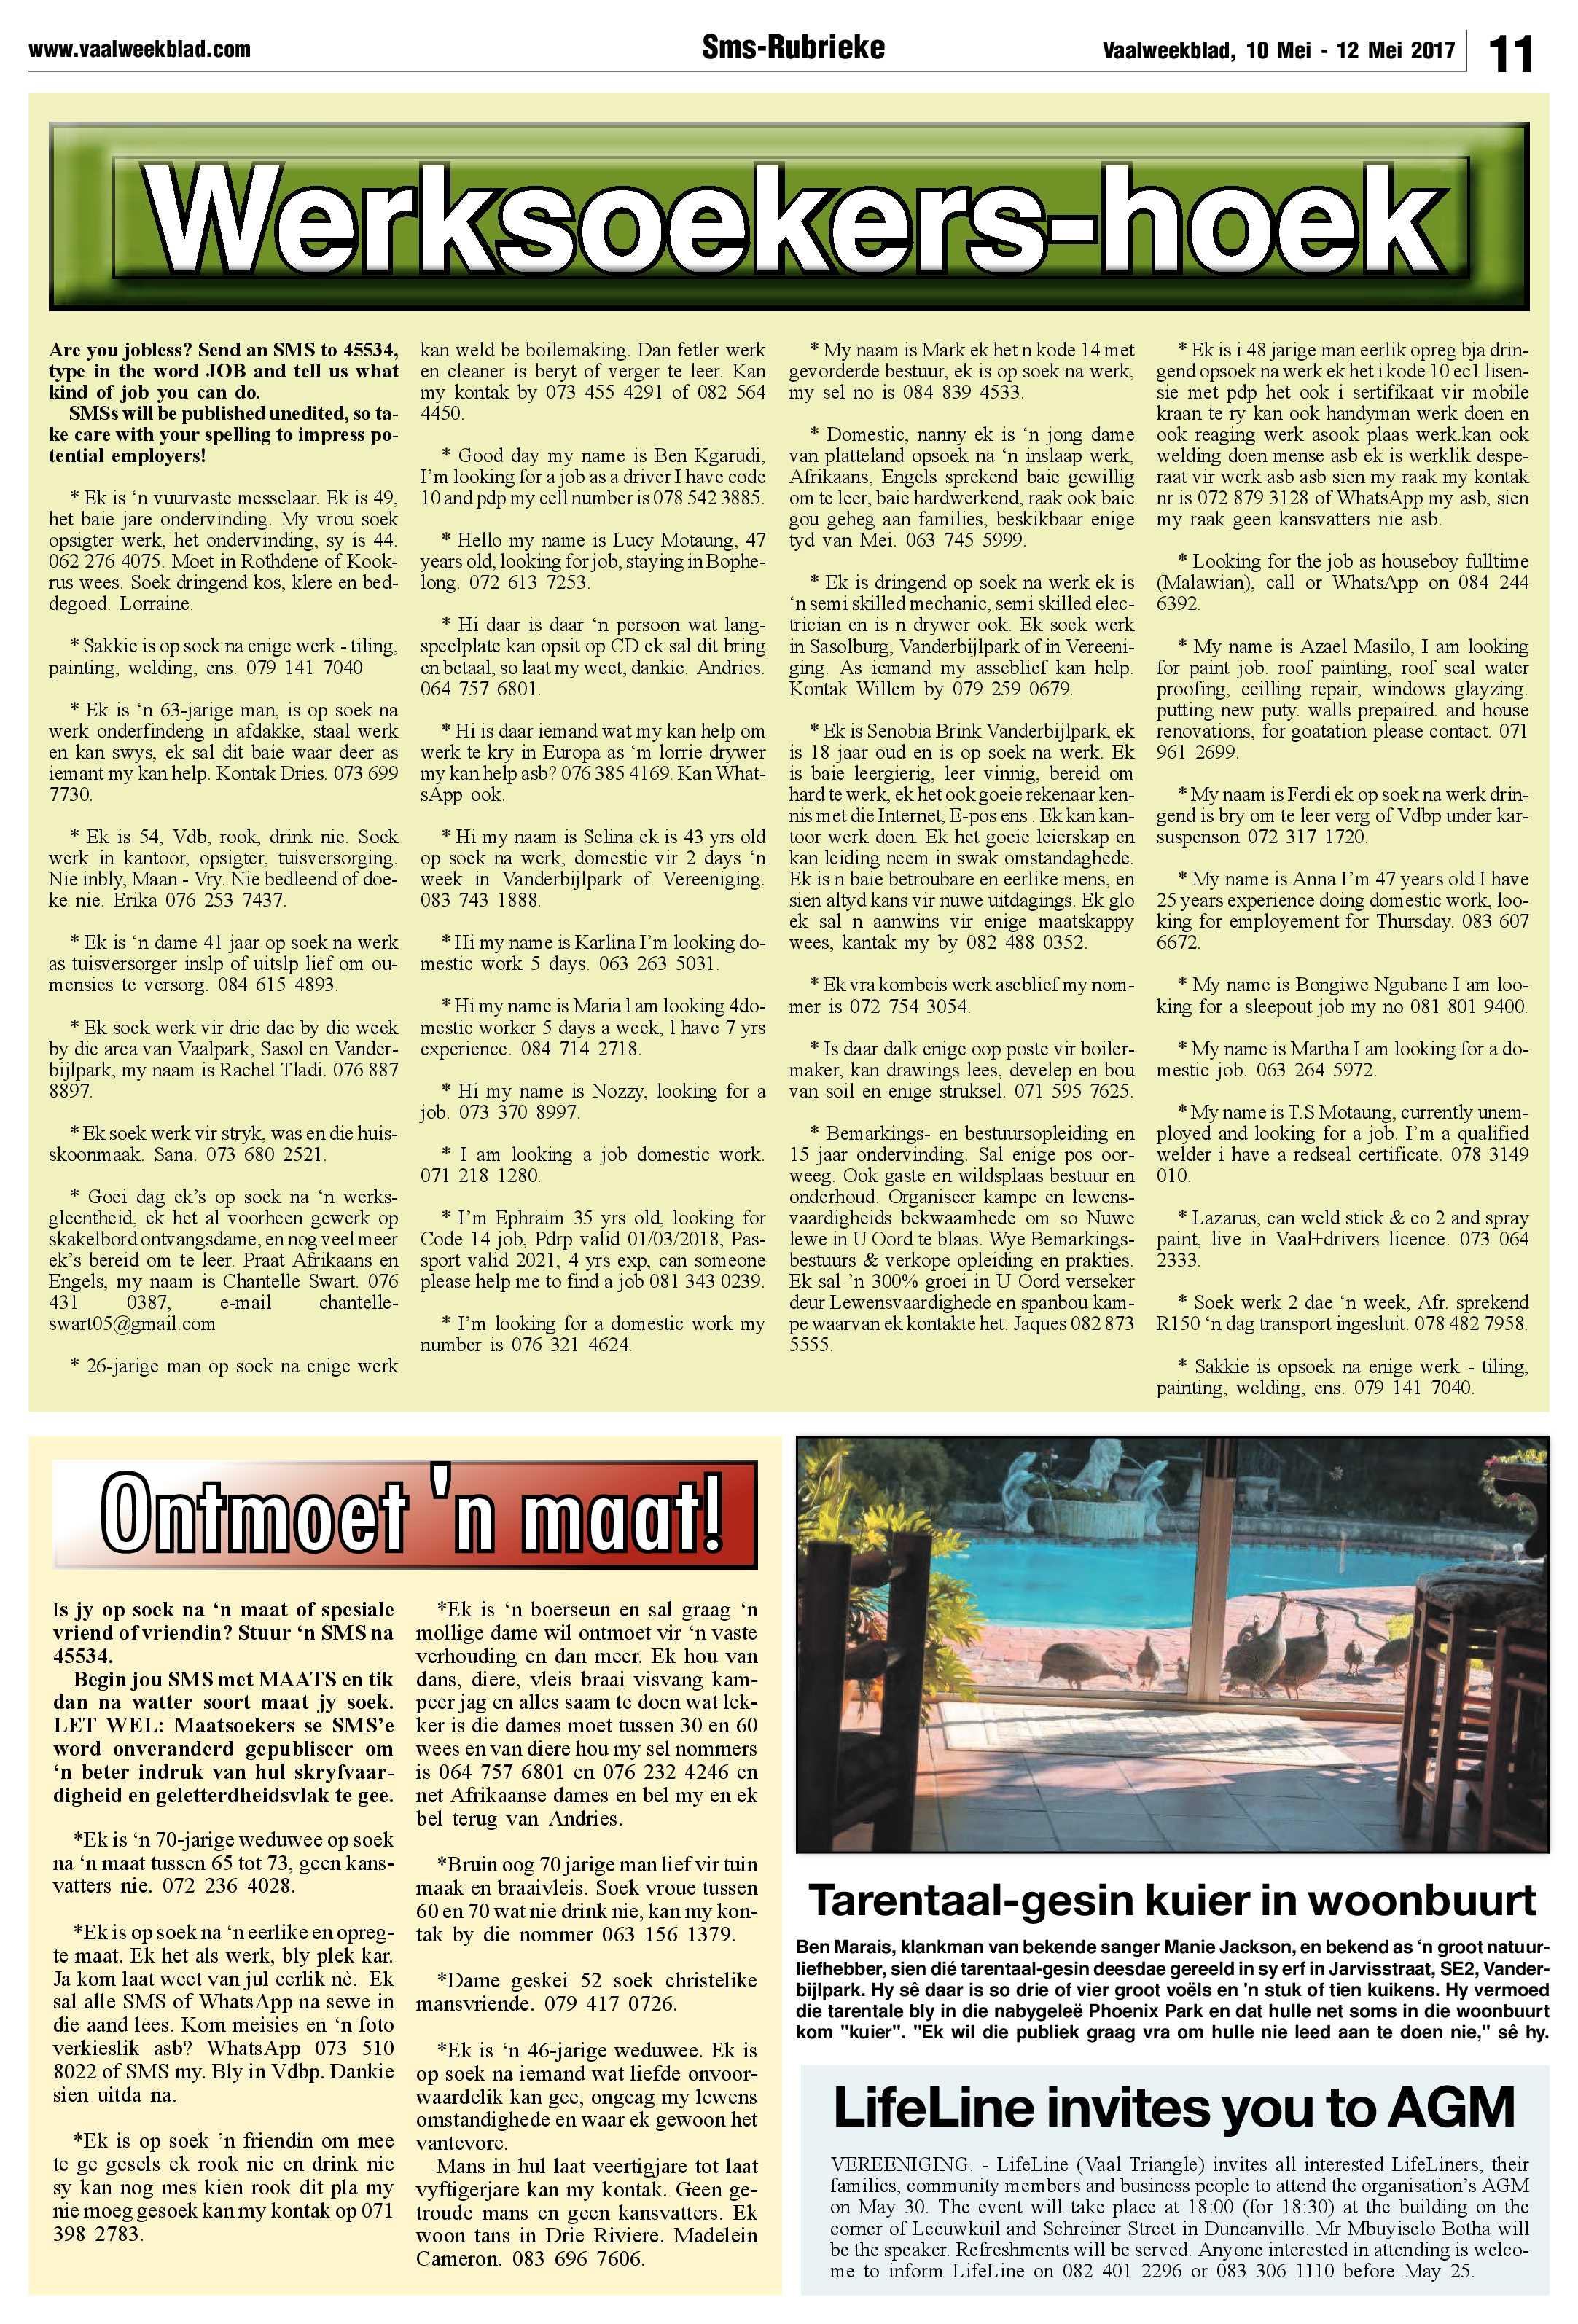 vaalweekblad-10-12-mei-2017-epapers-page-11